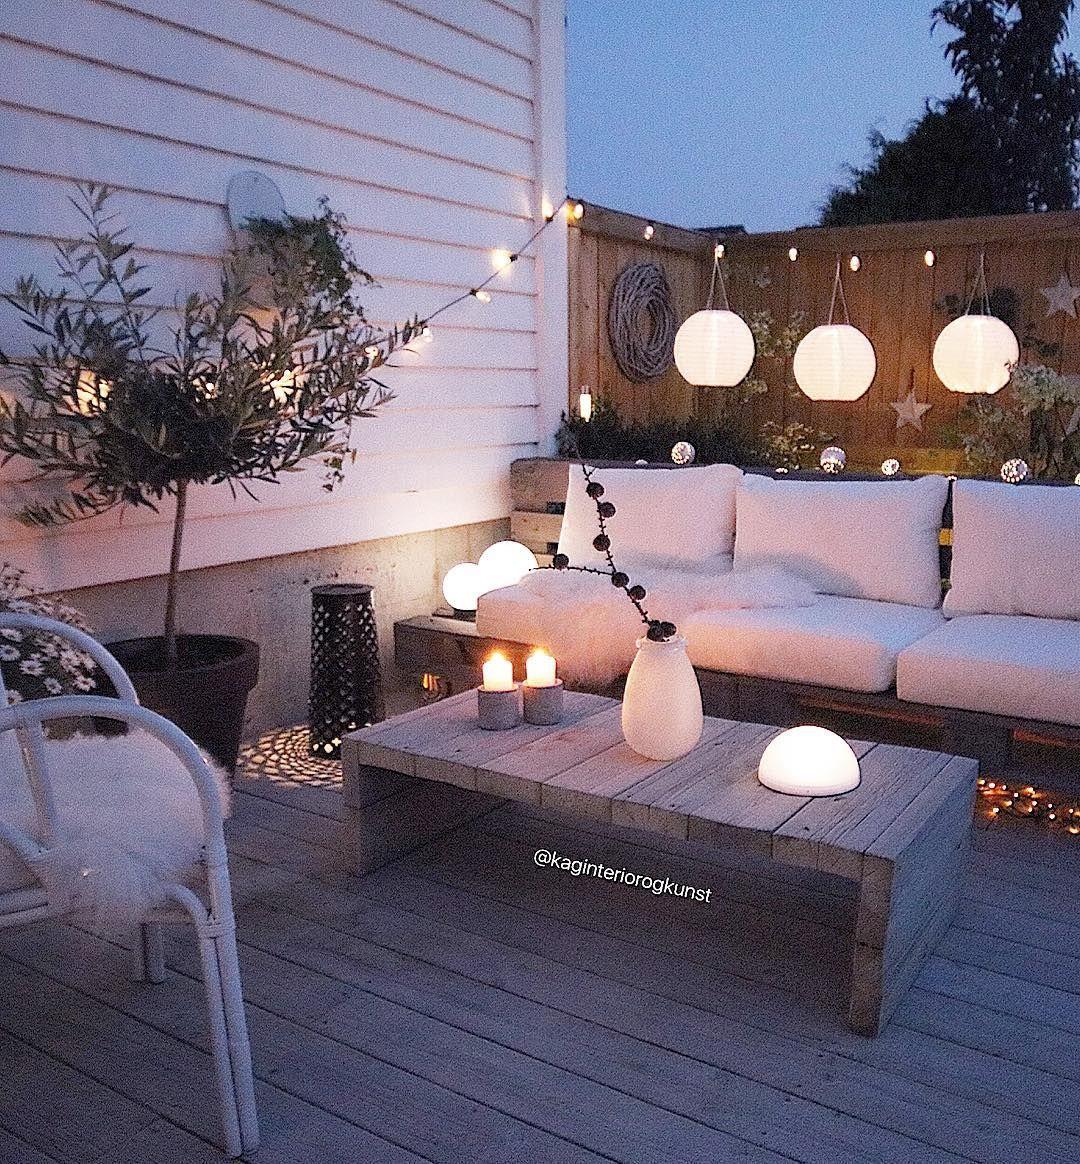 Pin de Concierge101.com en Backyard Bliss | Pinterest | Terrazas ...